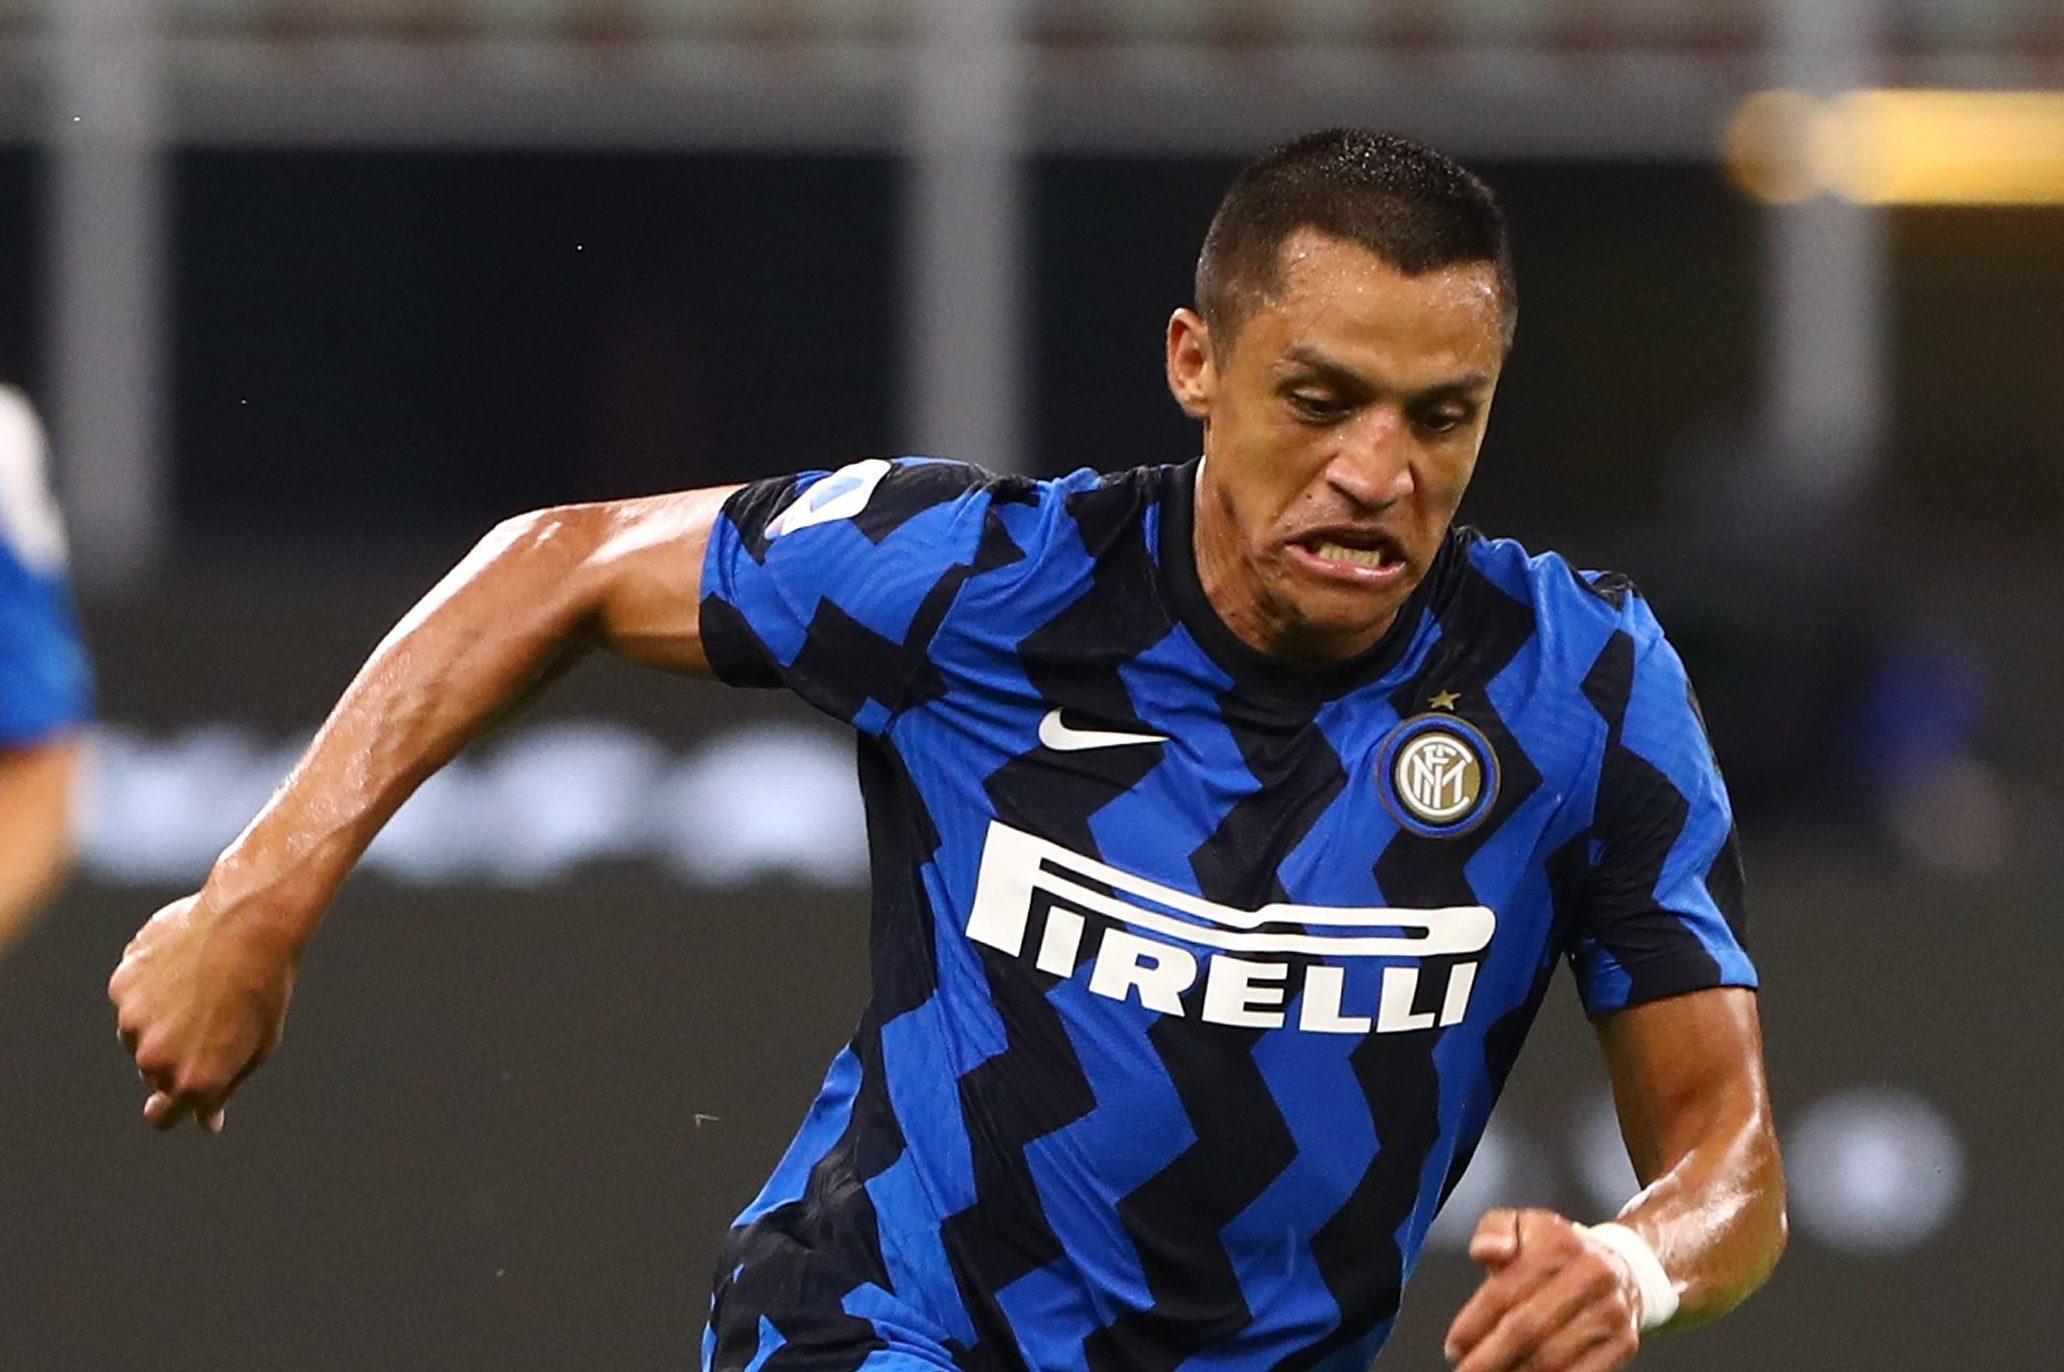 Inter, ufficiale l'acquisto di Alexis Sanchez: contratto fino al 2023